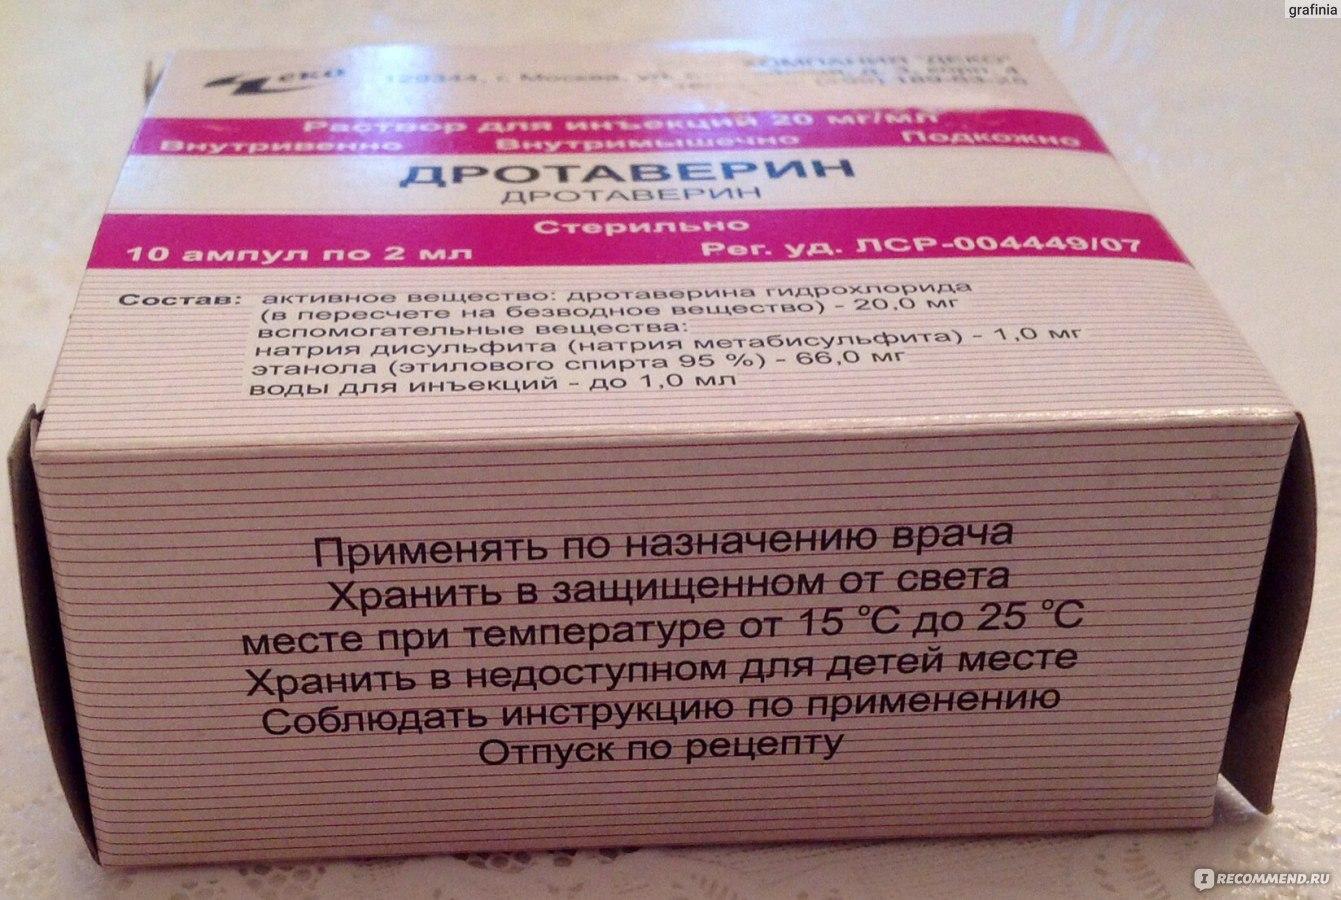 Дротаверин – от чего эти таблетки, кому и как их нужно принимать?